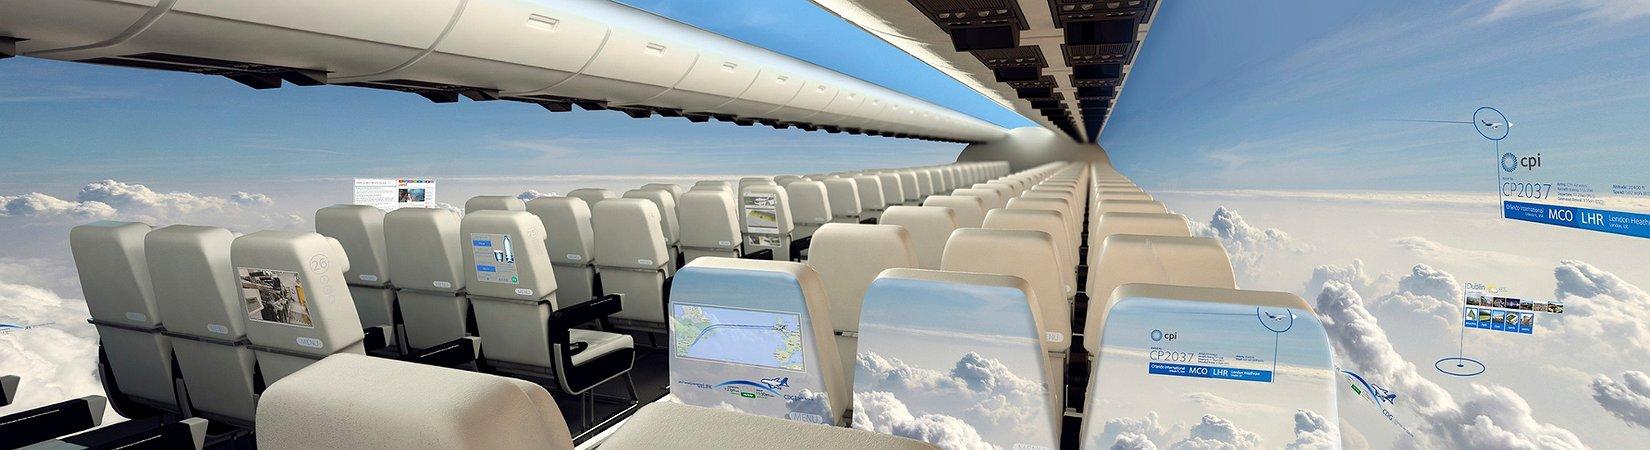 El avión sin ventanas que volará dentro de 10 años